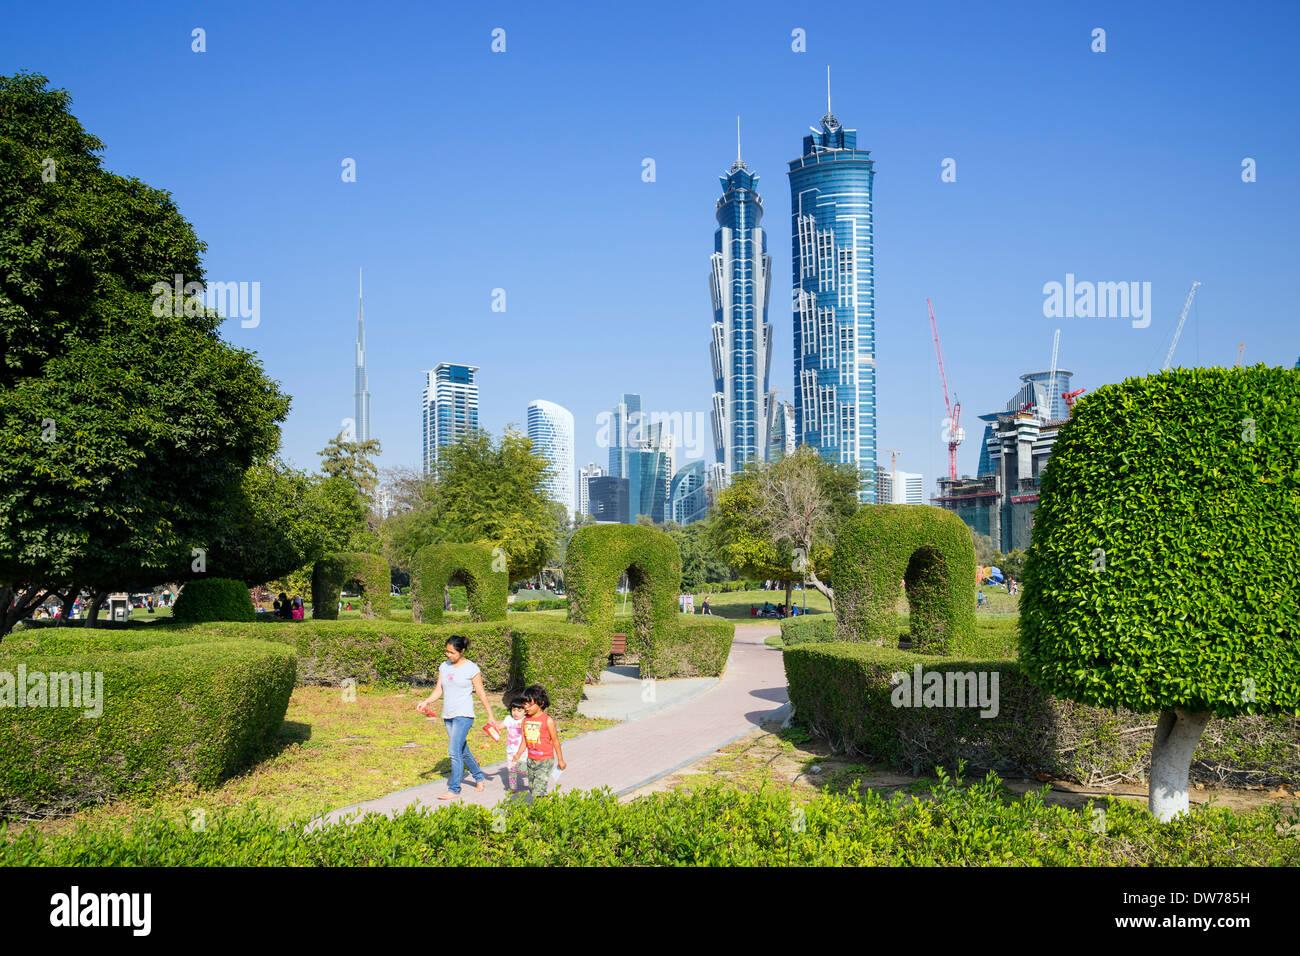 Labyrinth-Garten und die Skyline der Stadt von Al Safa Park in Dubai Vereinigte Arabische Emirate Stockbild